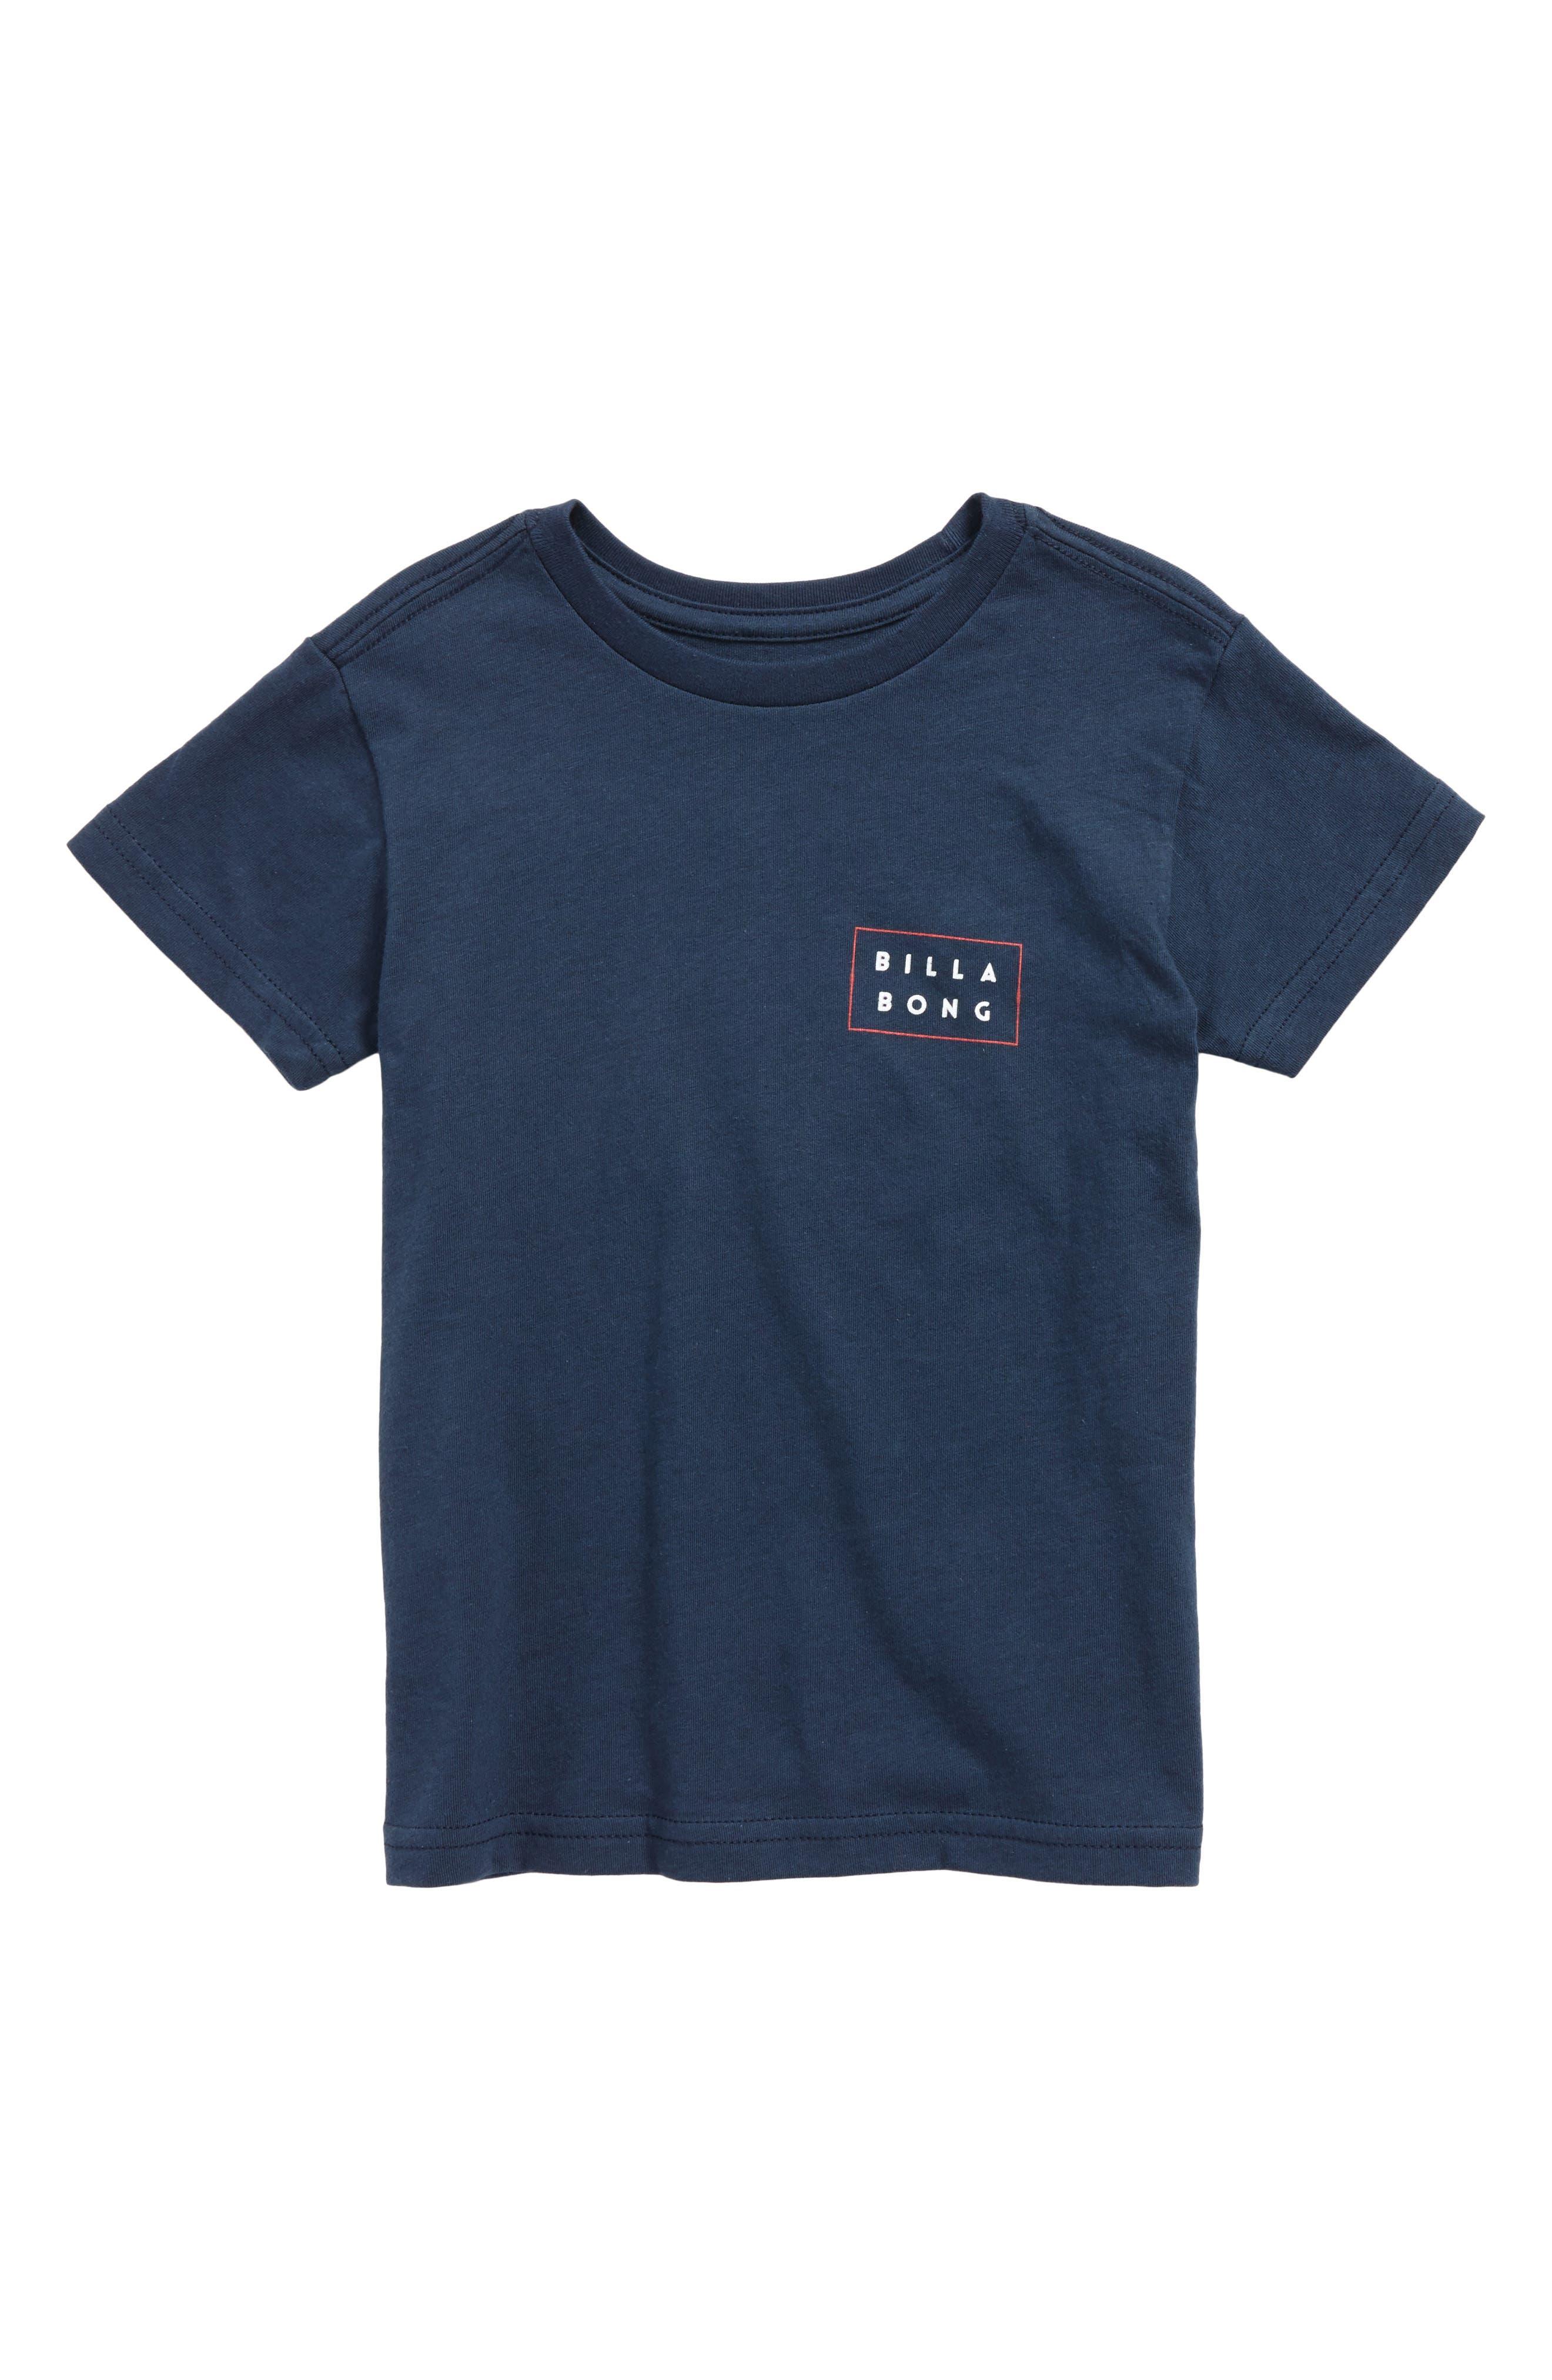 Main Image - Billabong Fill Die Cut T-Shirt (Toddler Boys & Little Boys)